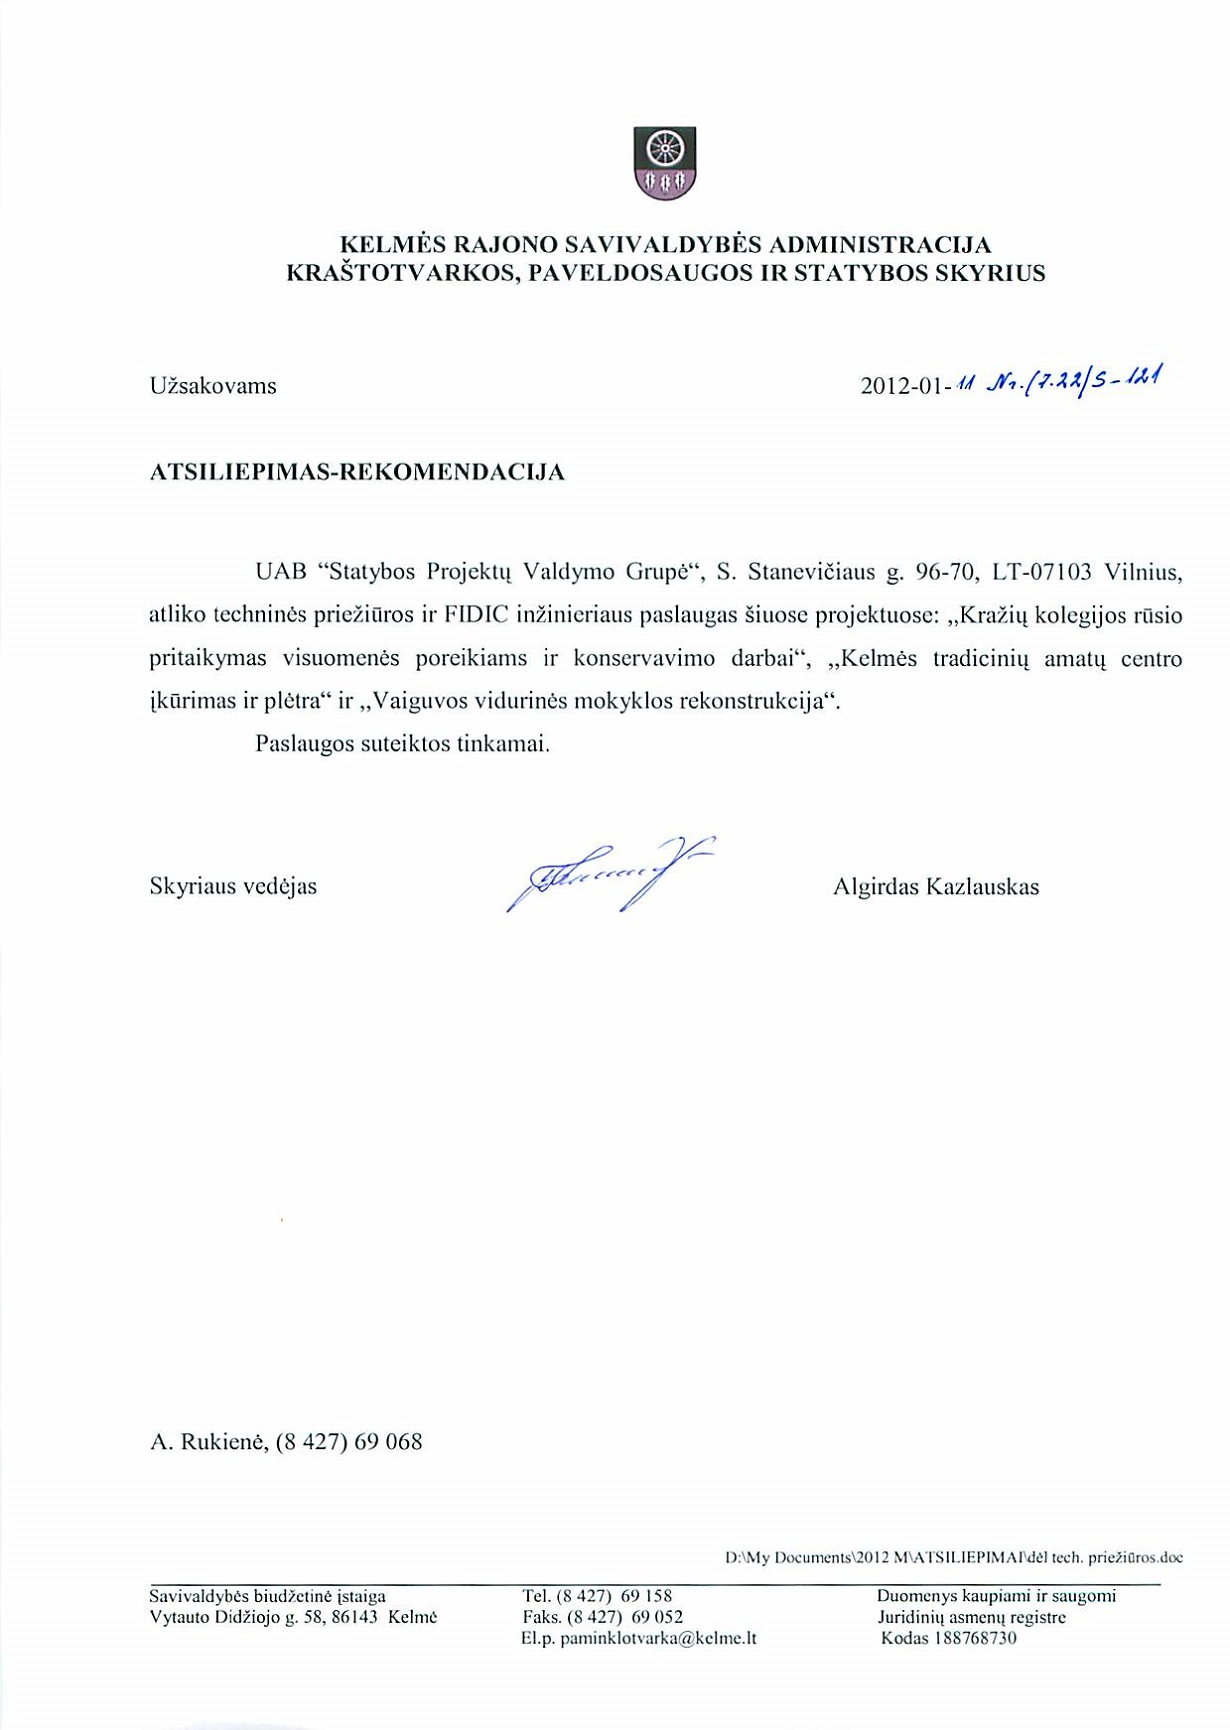 Kelmės rajono savivaldybės administracijos Atsiliepimas-rekomendacija 2012-01-11